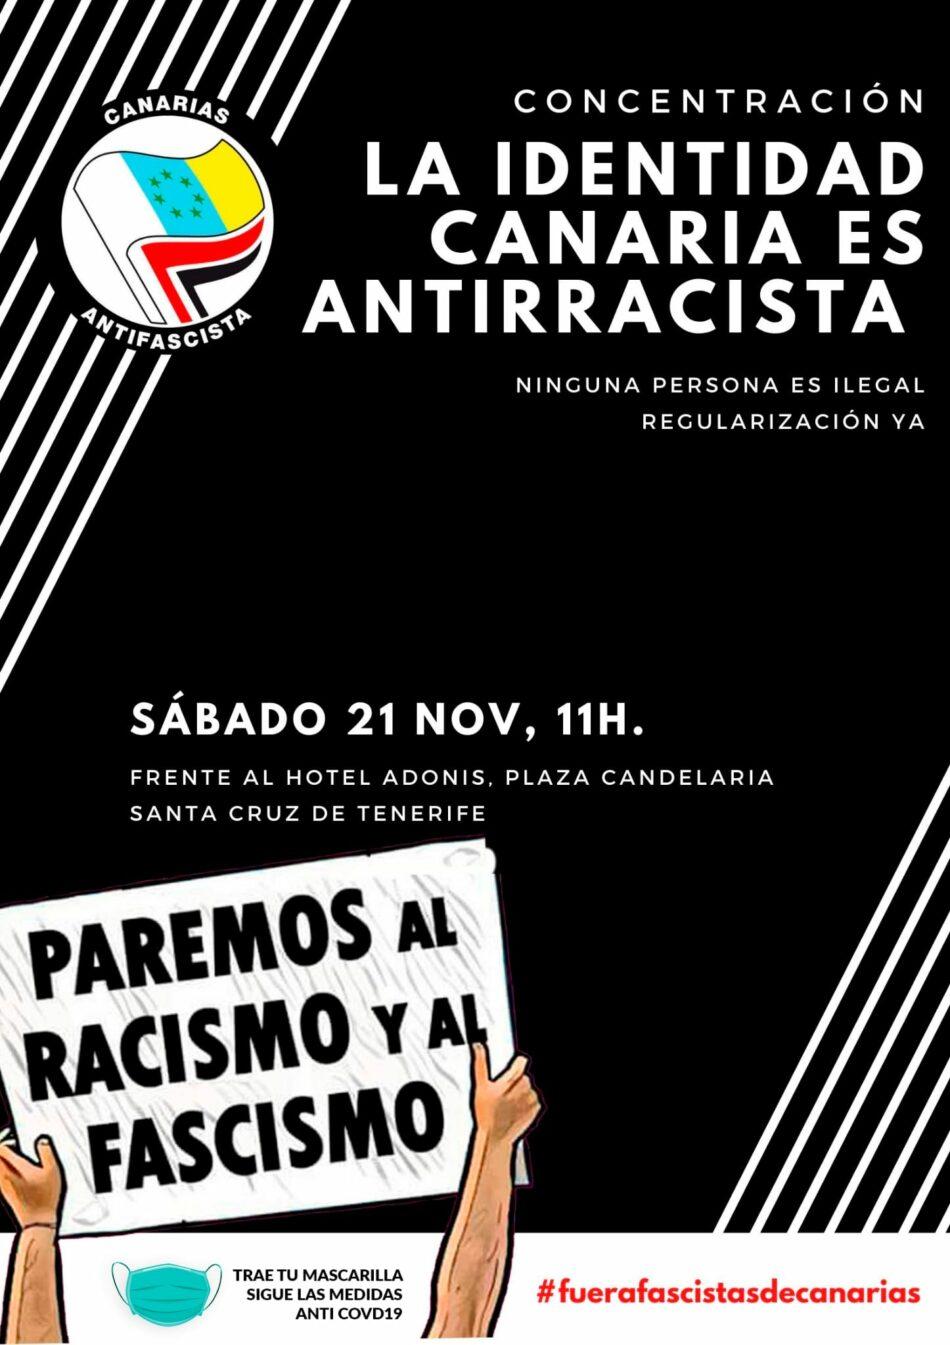 189 Organizaciones, colectivos y grupos de las siete Islas Canarias y de otros territorios del Estado, contra la manifestación racista del 21 de noviembre